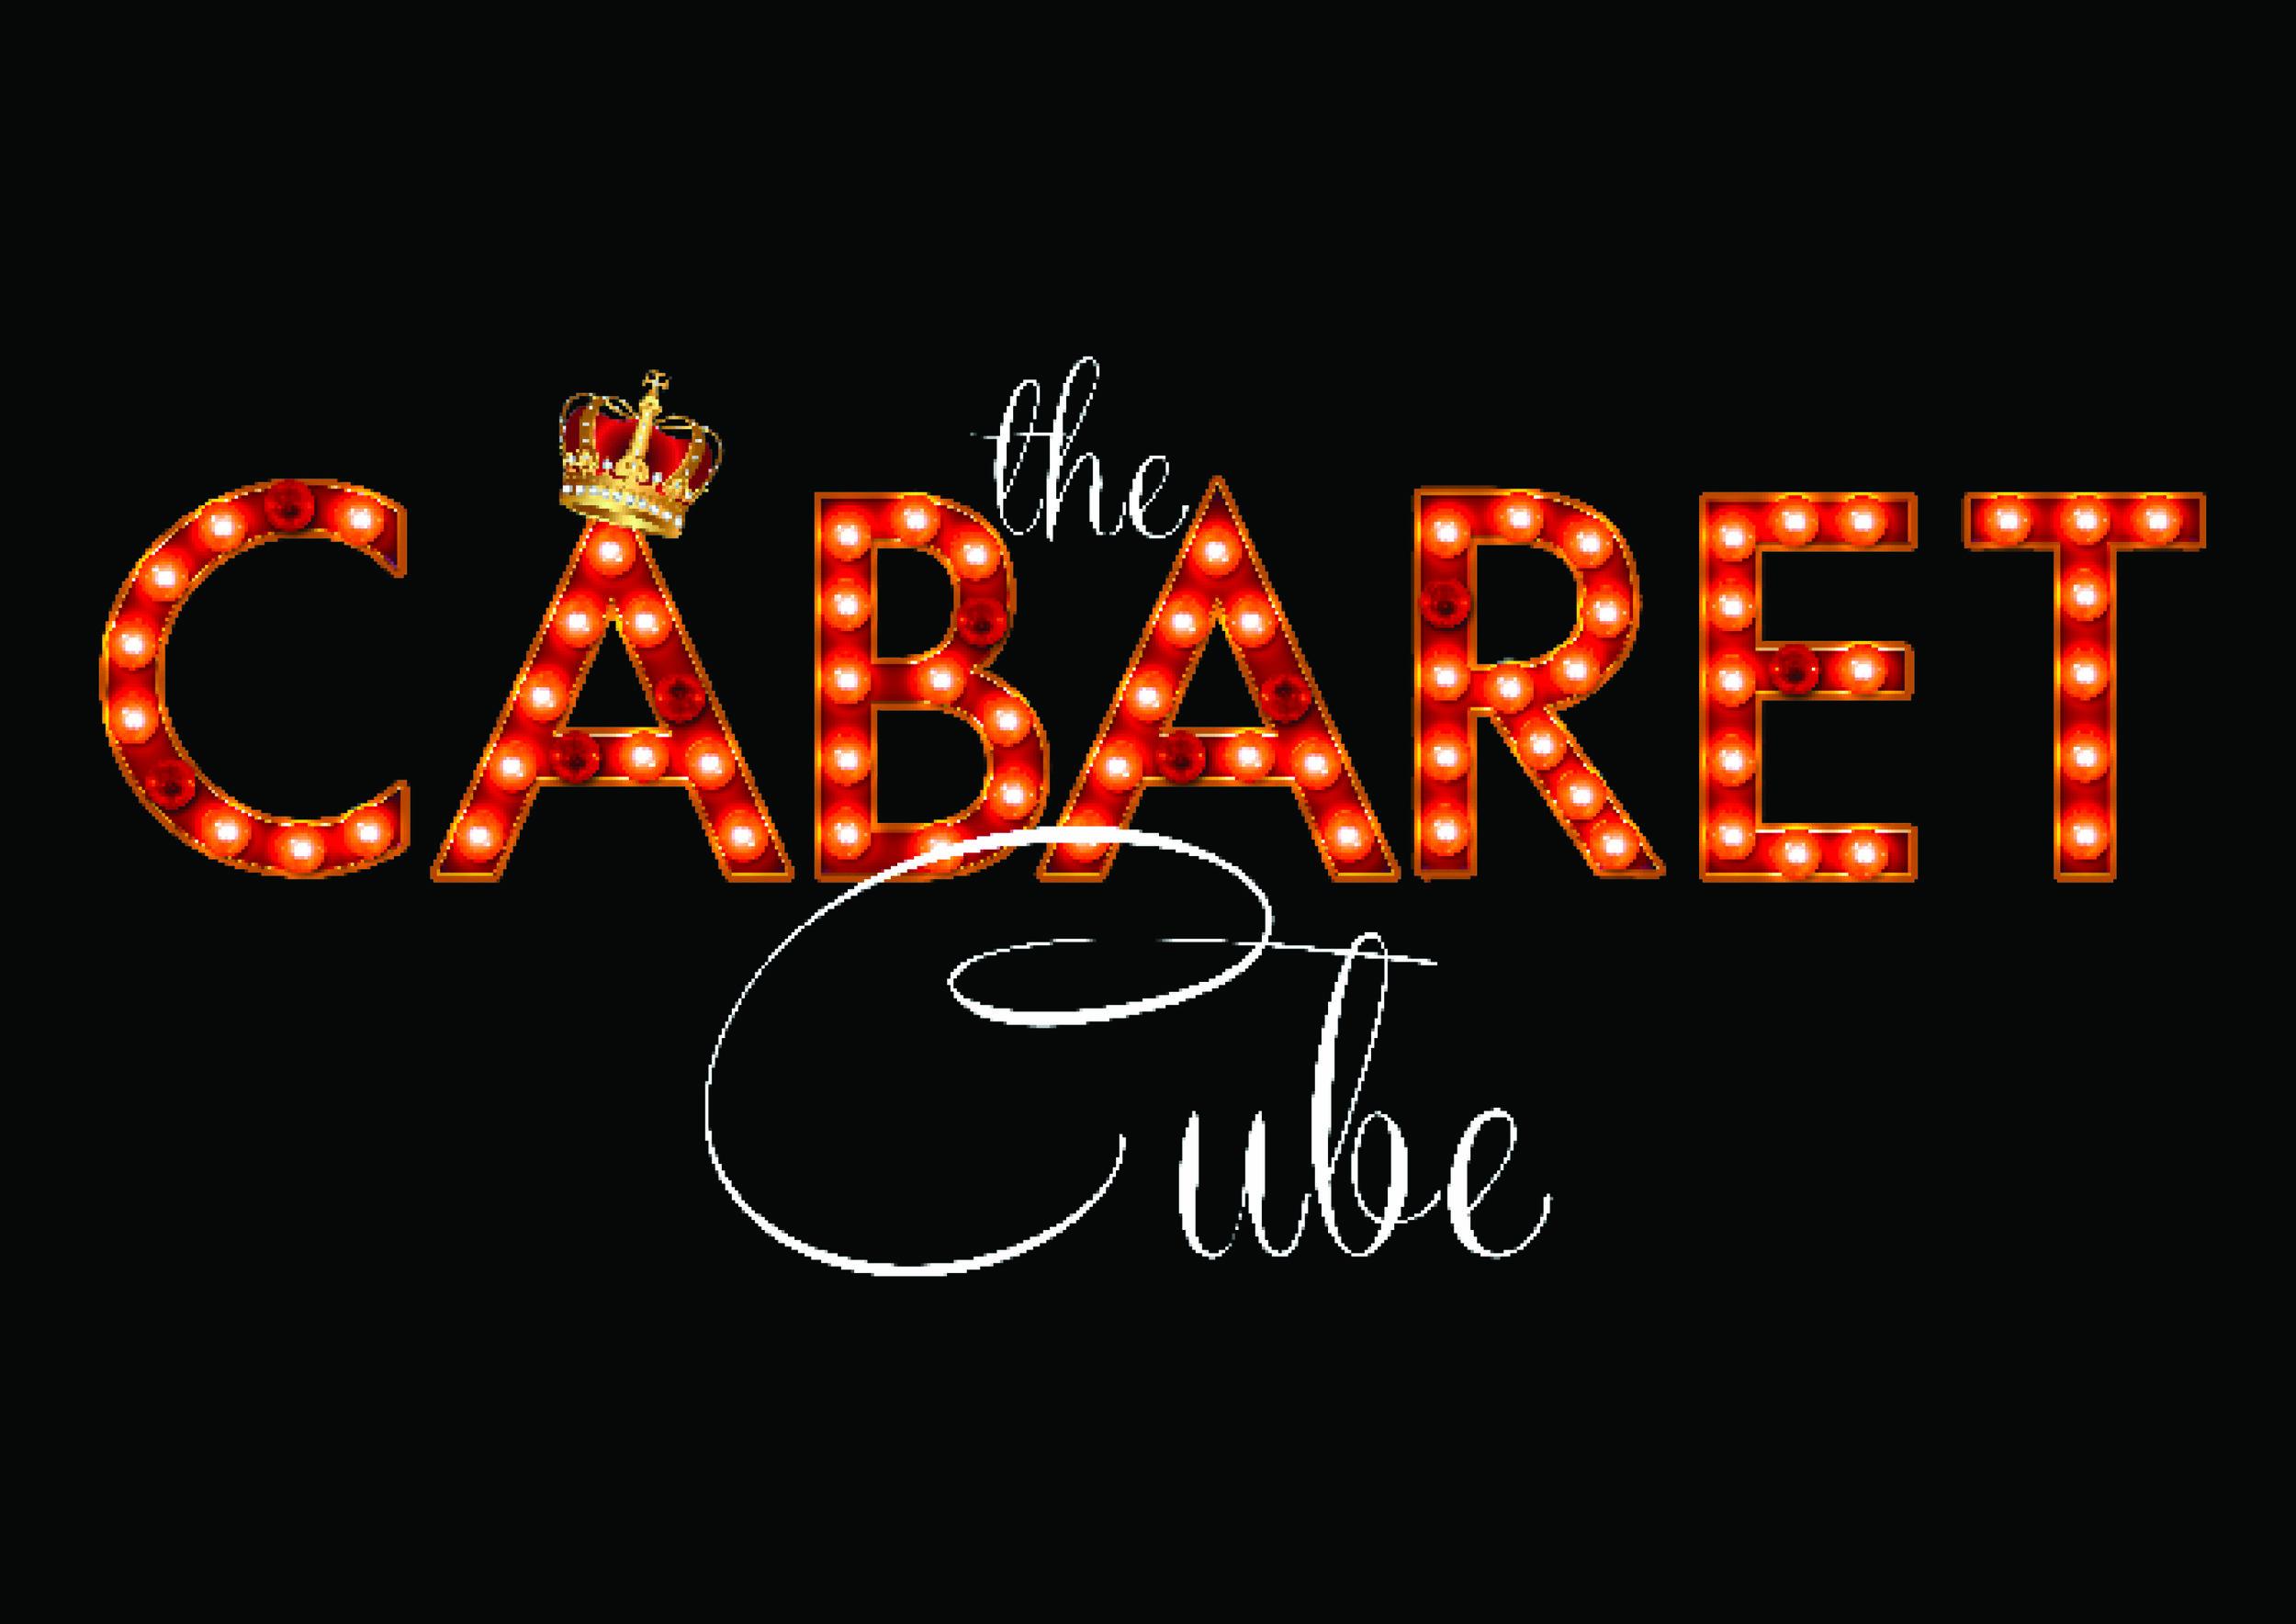 Cabaret Cube Info Pack.jpg